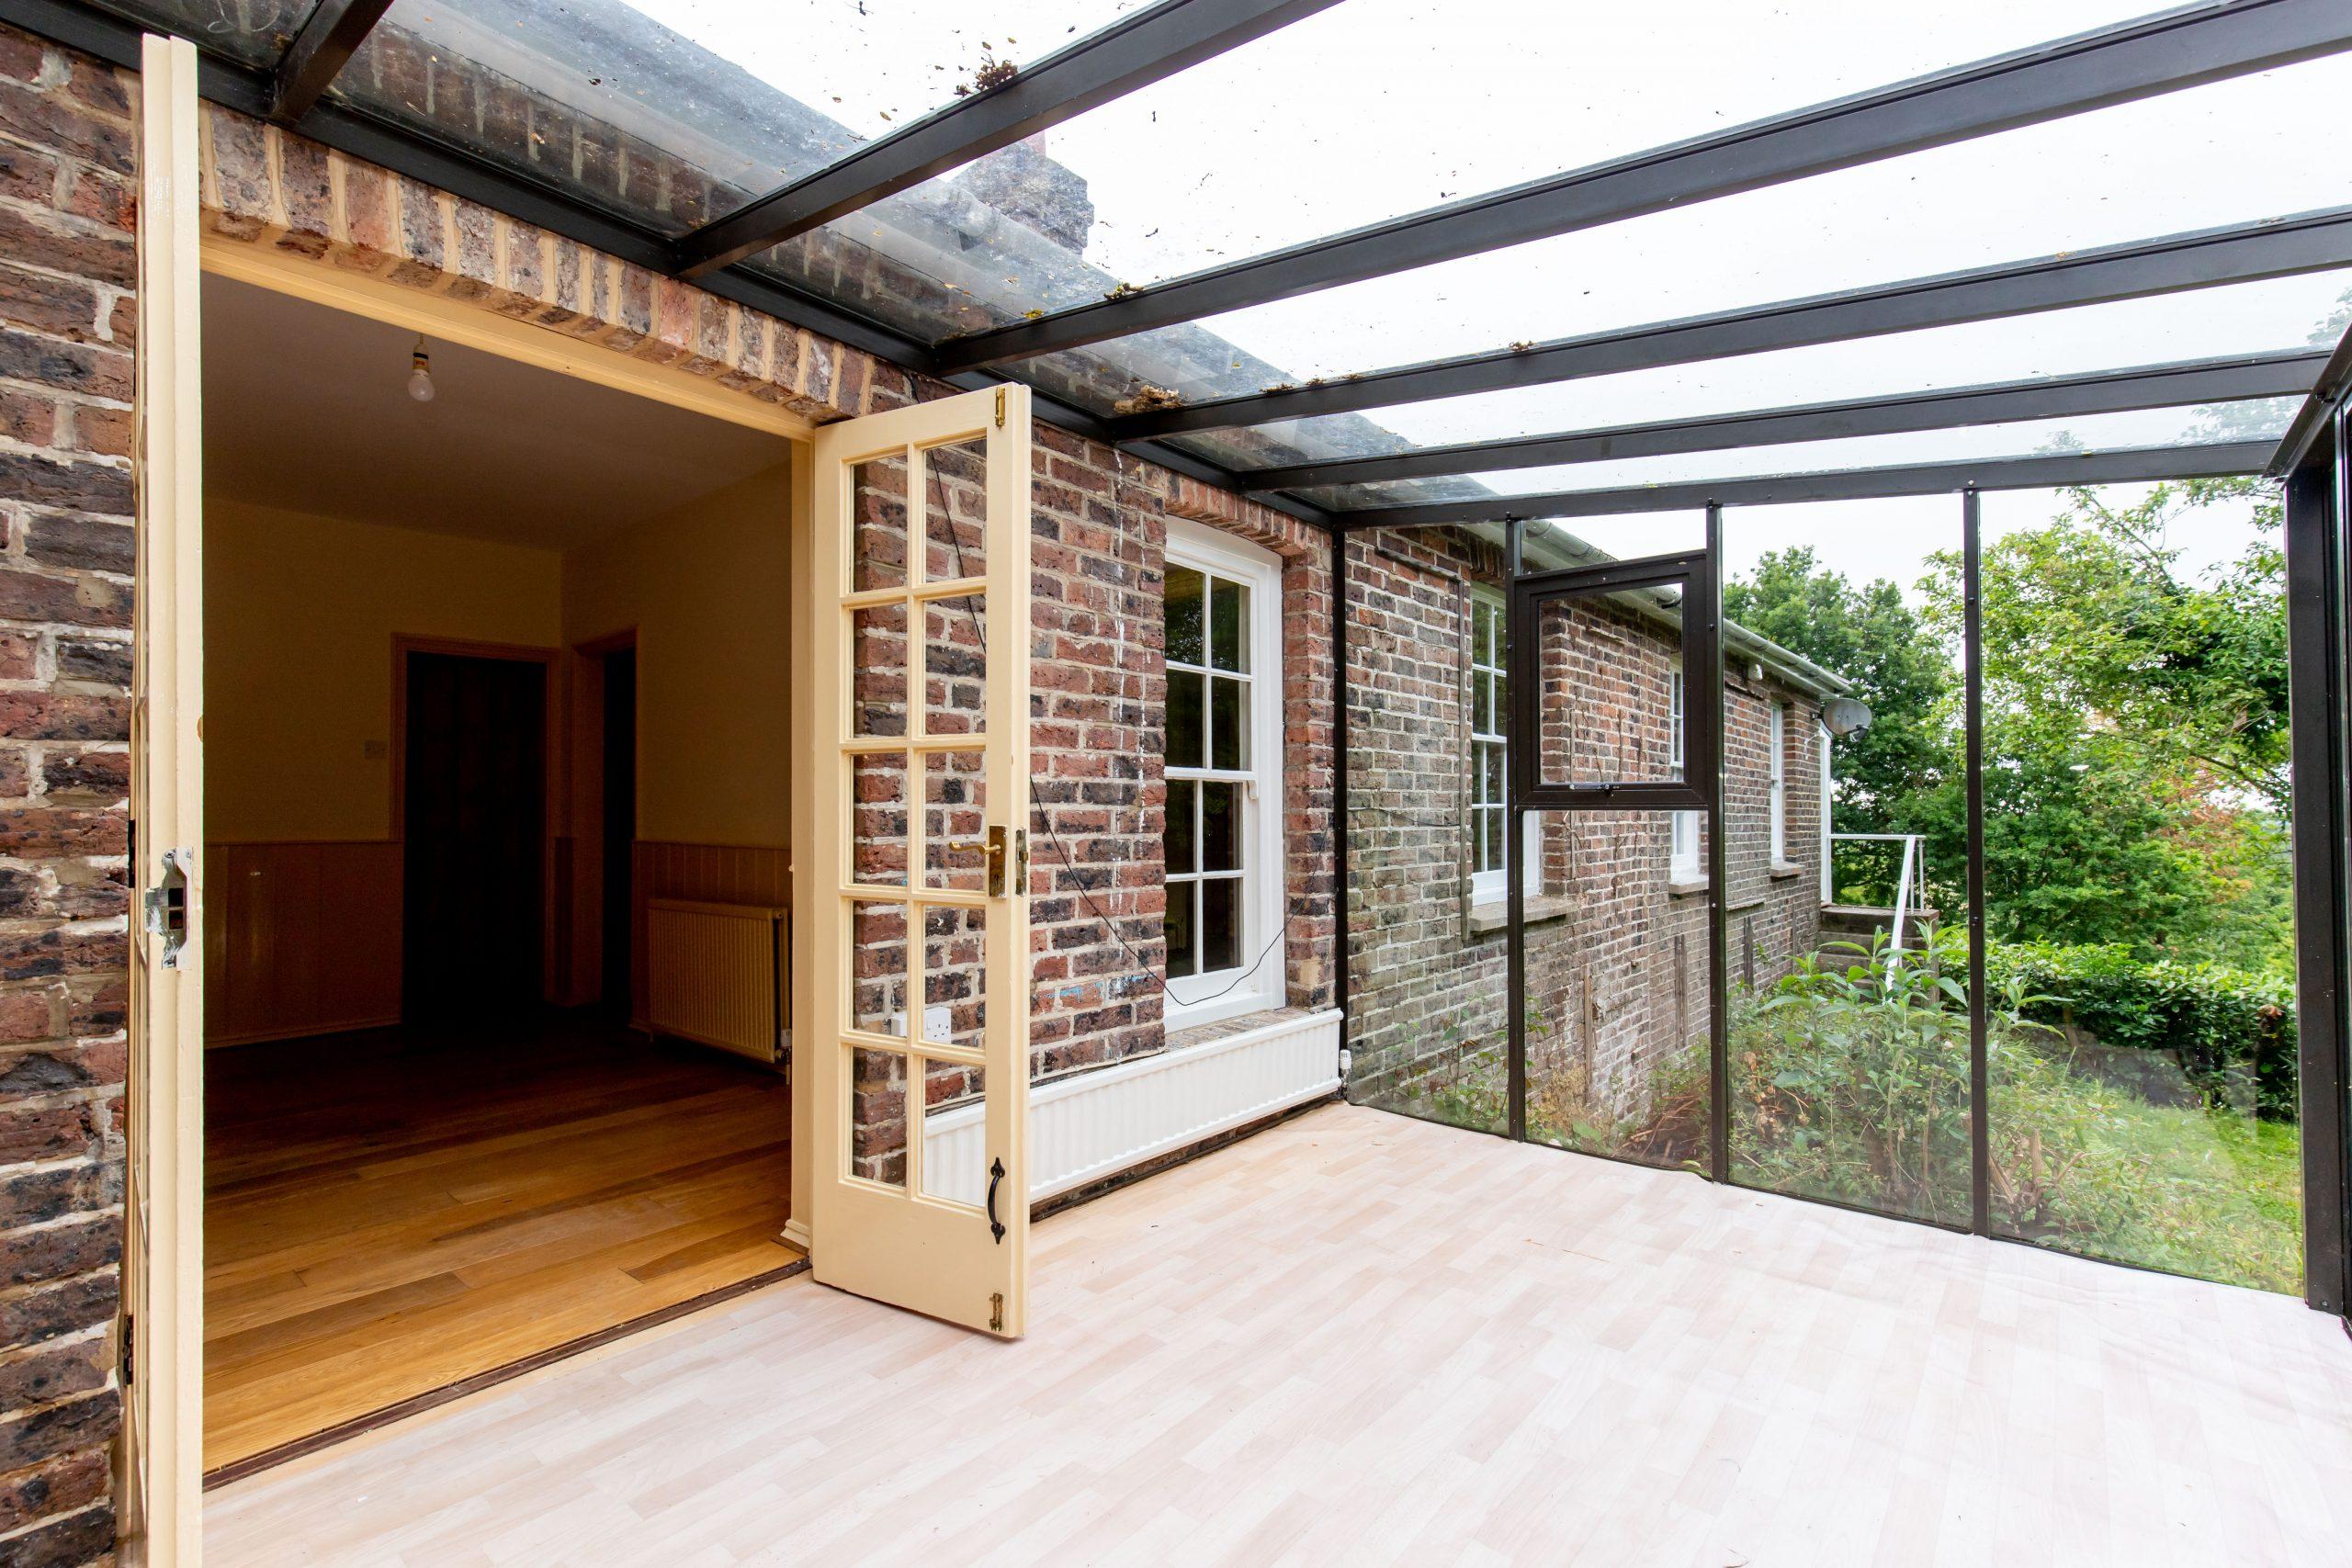 Fairlight – 3 Bedroom Detached Cottage